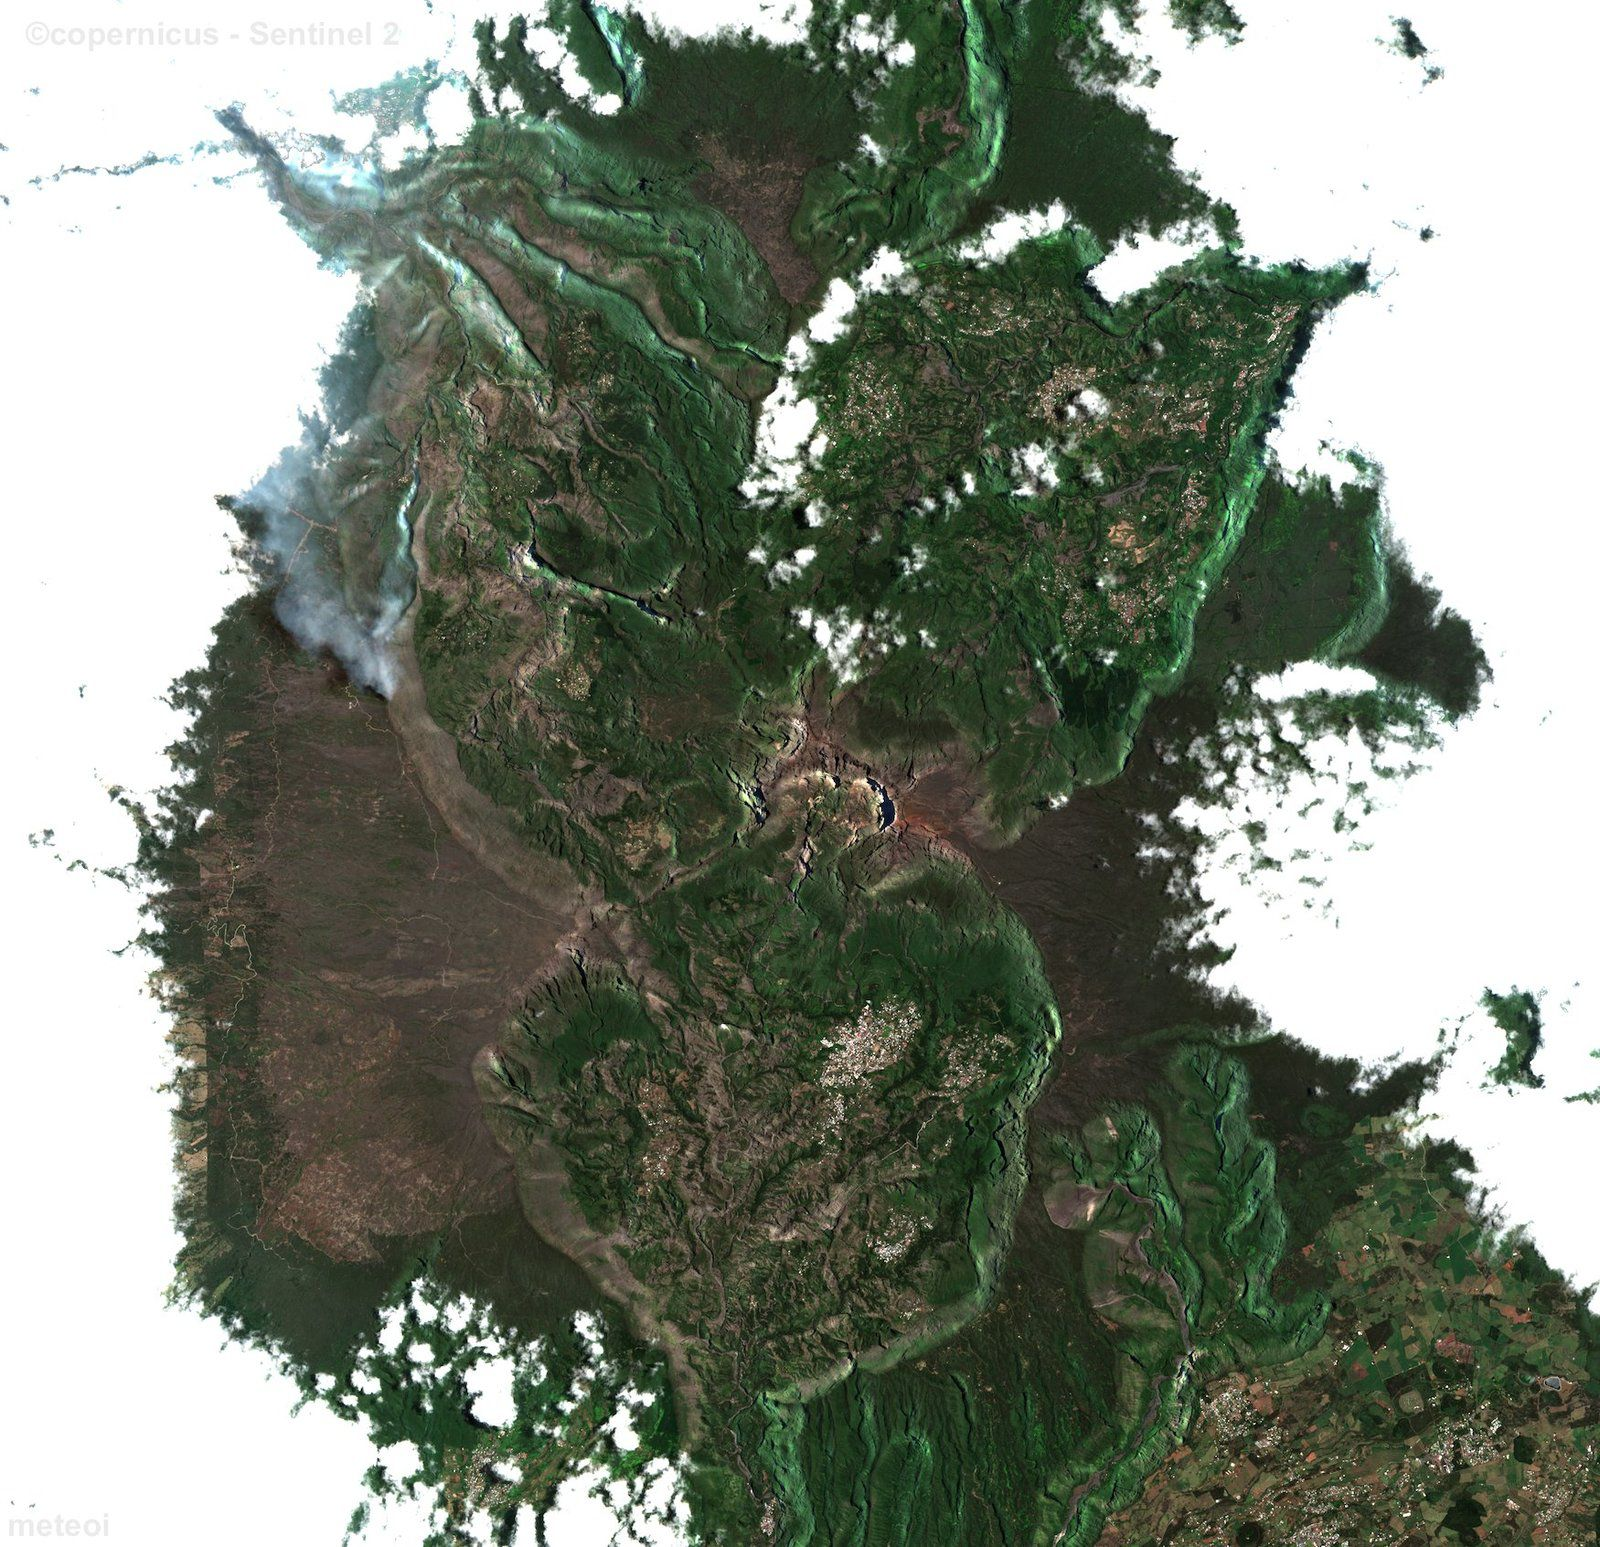 Maïdo - fumées des incendies vue par Sentinel-2 ESA / 07.11.2020 (à gauche de l'image)